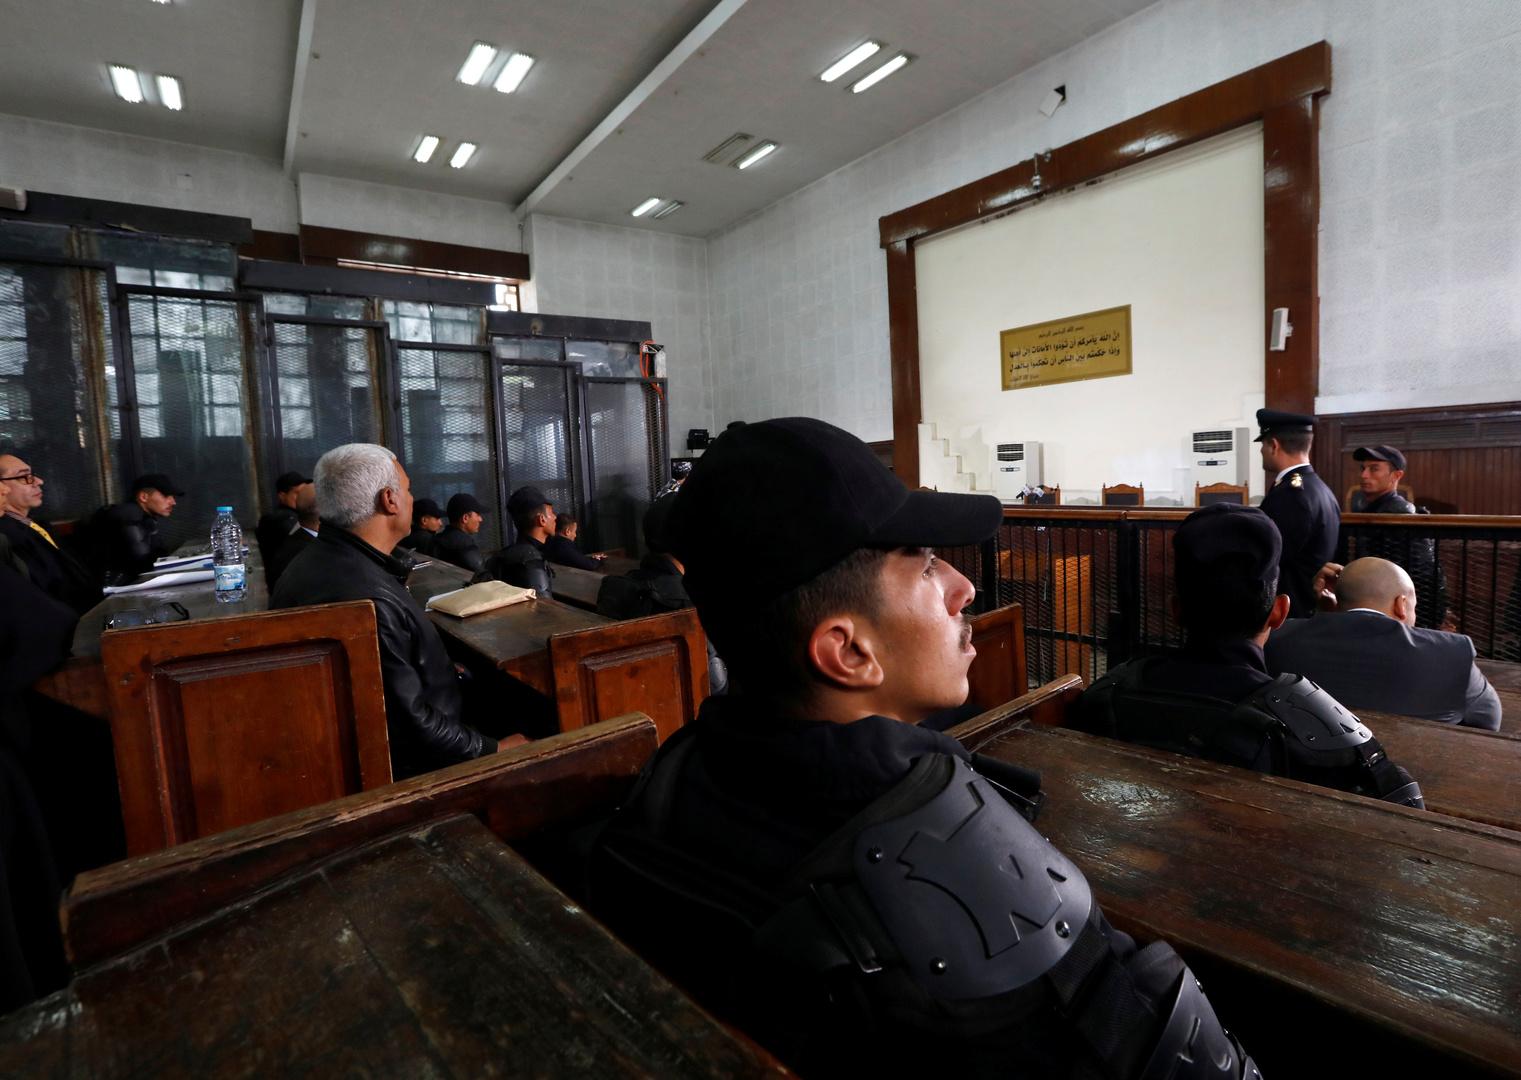 مصر تعيد النظر في قضية مواطن روسي ضد رئيس الوزراء بعد موت ابنته في حادث الطائرة الروسية بسيناء